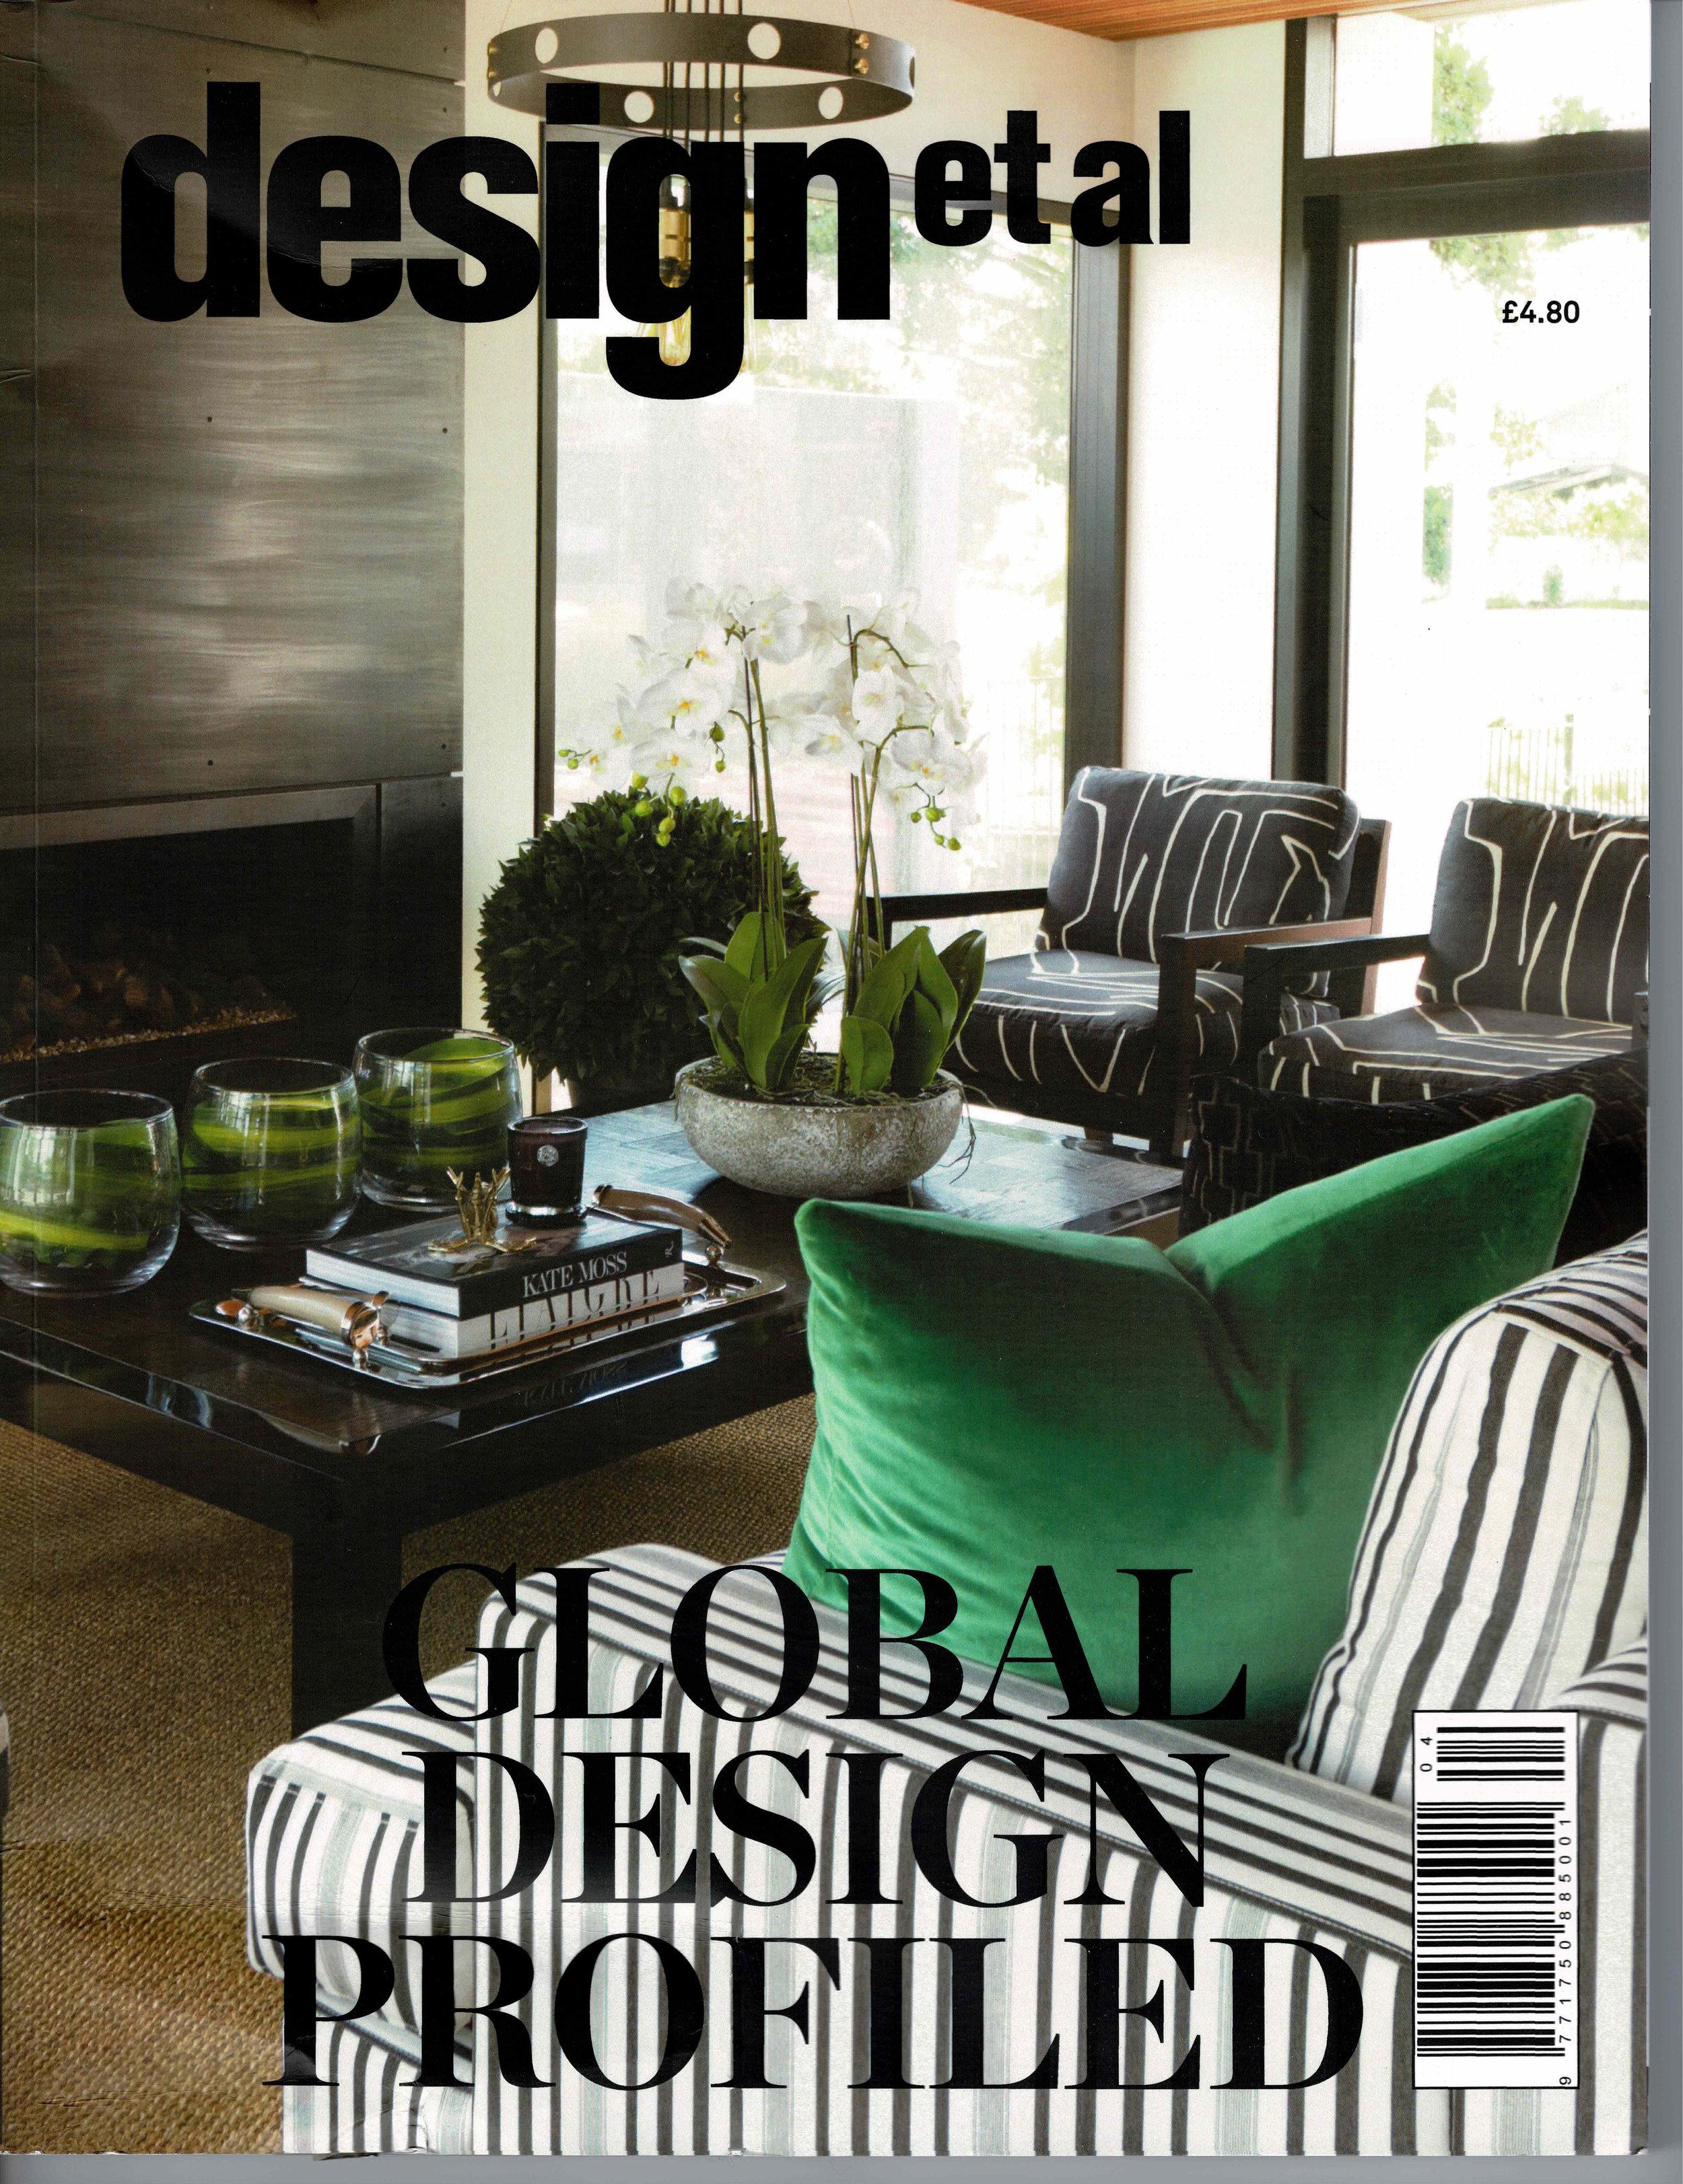 Design et al 2018 0.jpg